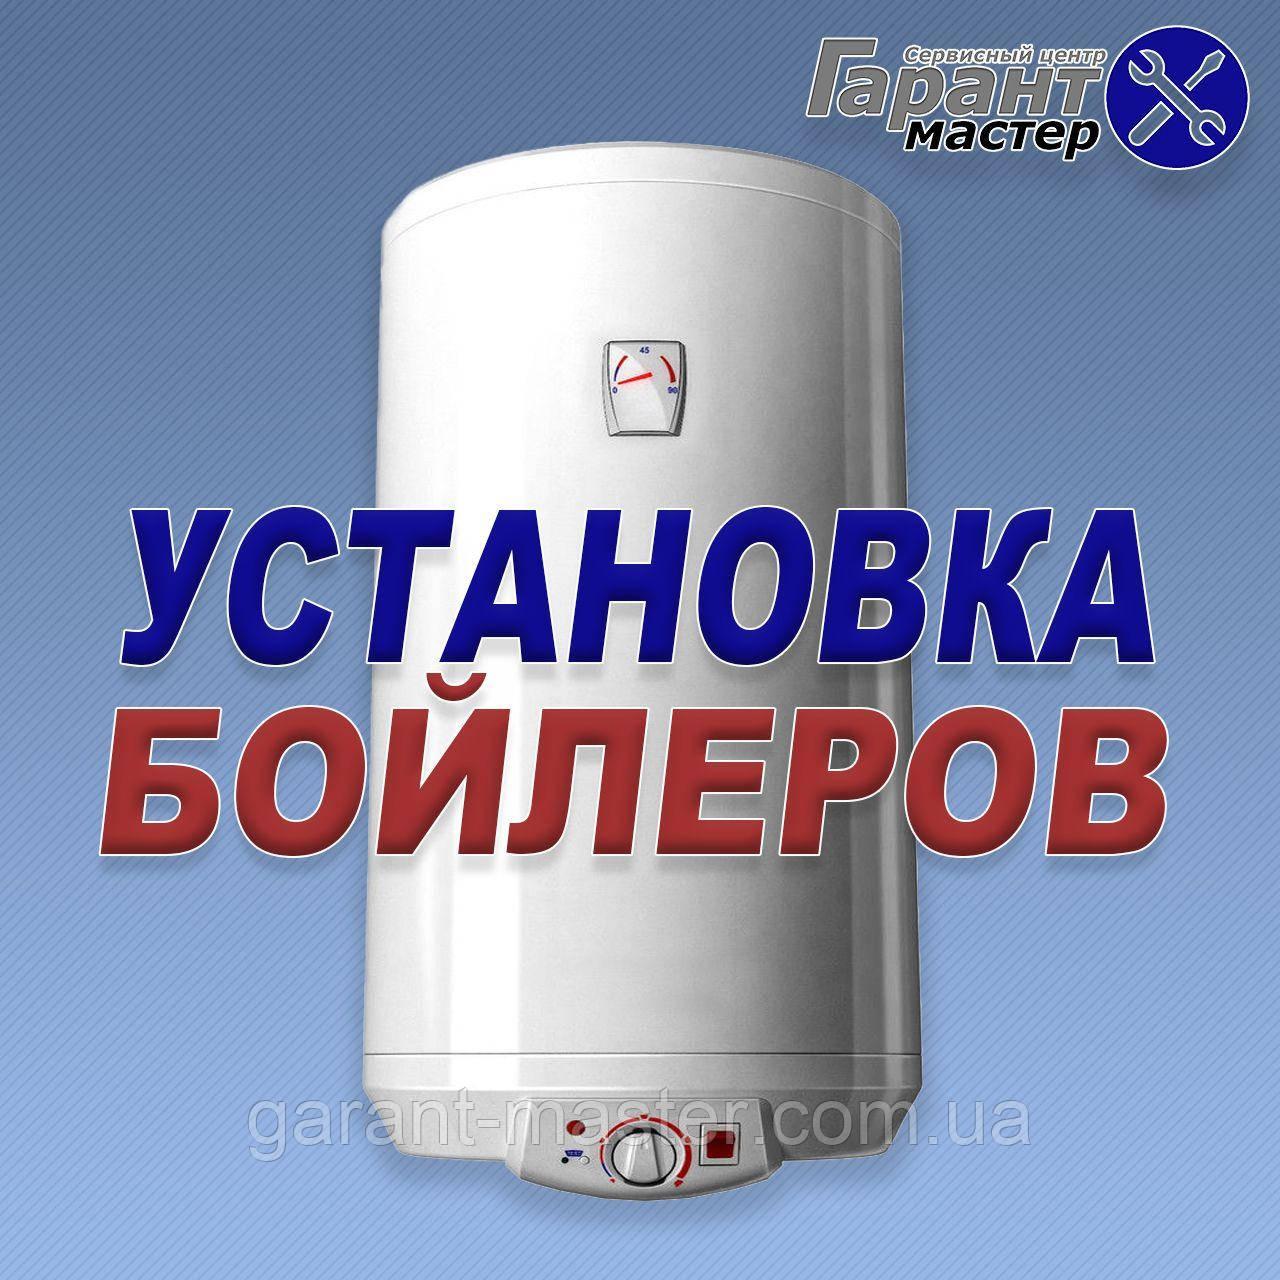 Установка, ремонт бойлеров Ariston в Днепропетровске